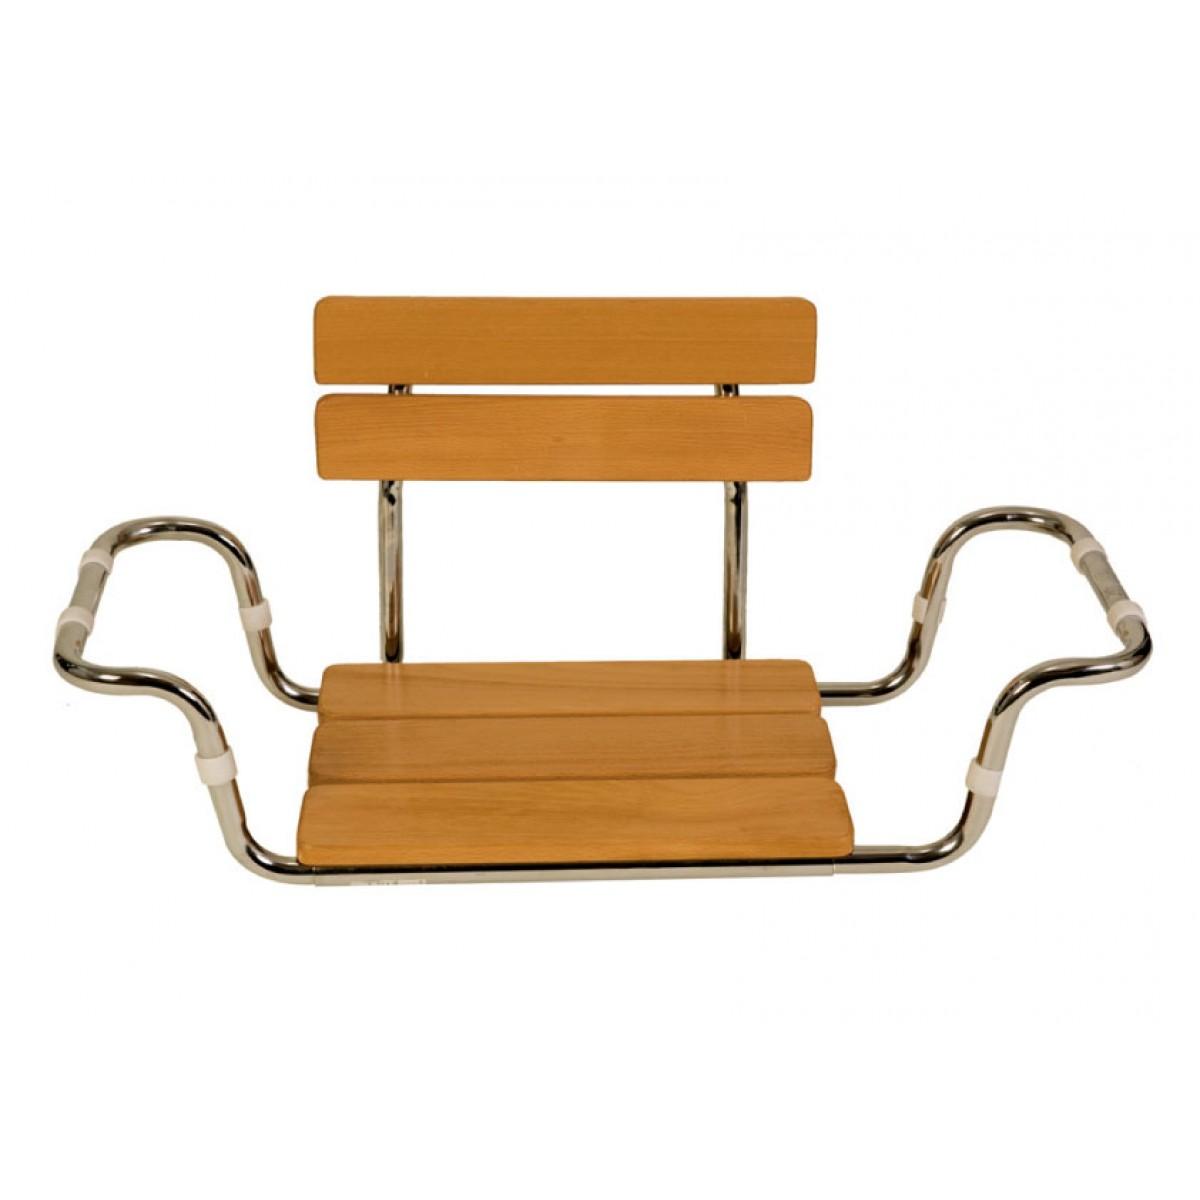 Sedile In Legno Con Schienale Per Vasca Da Bagno Bagno E Doccia Prodotti Prodotti Ortopedici E Sanitari